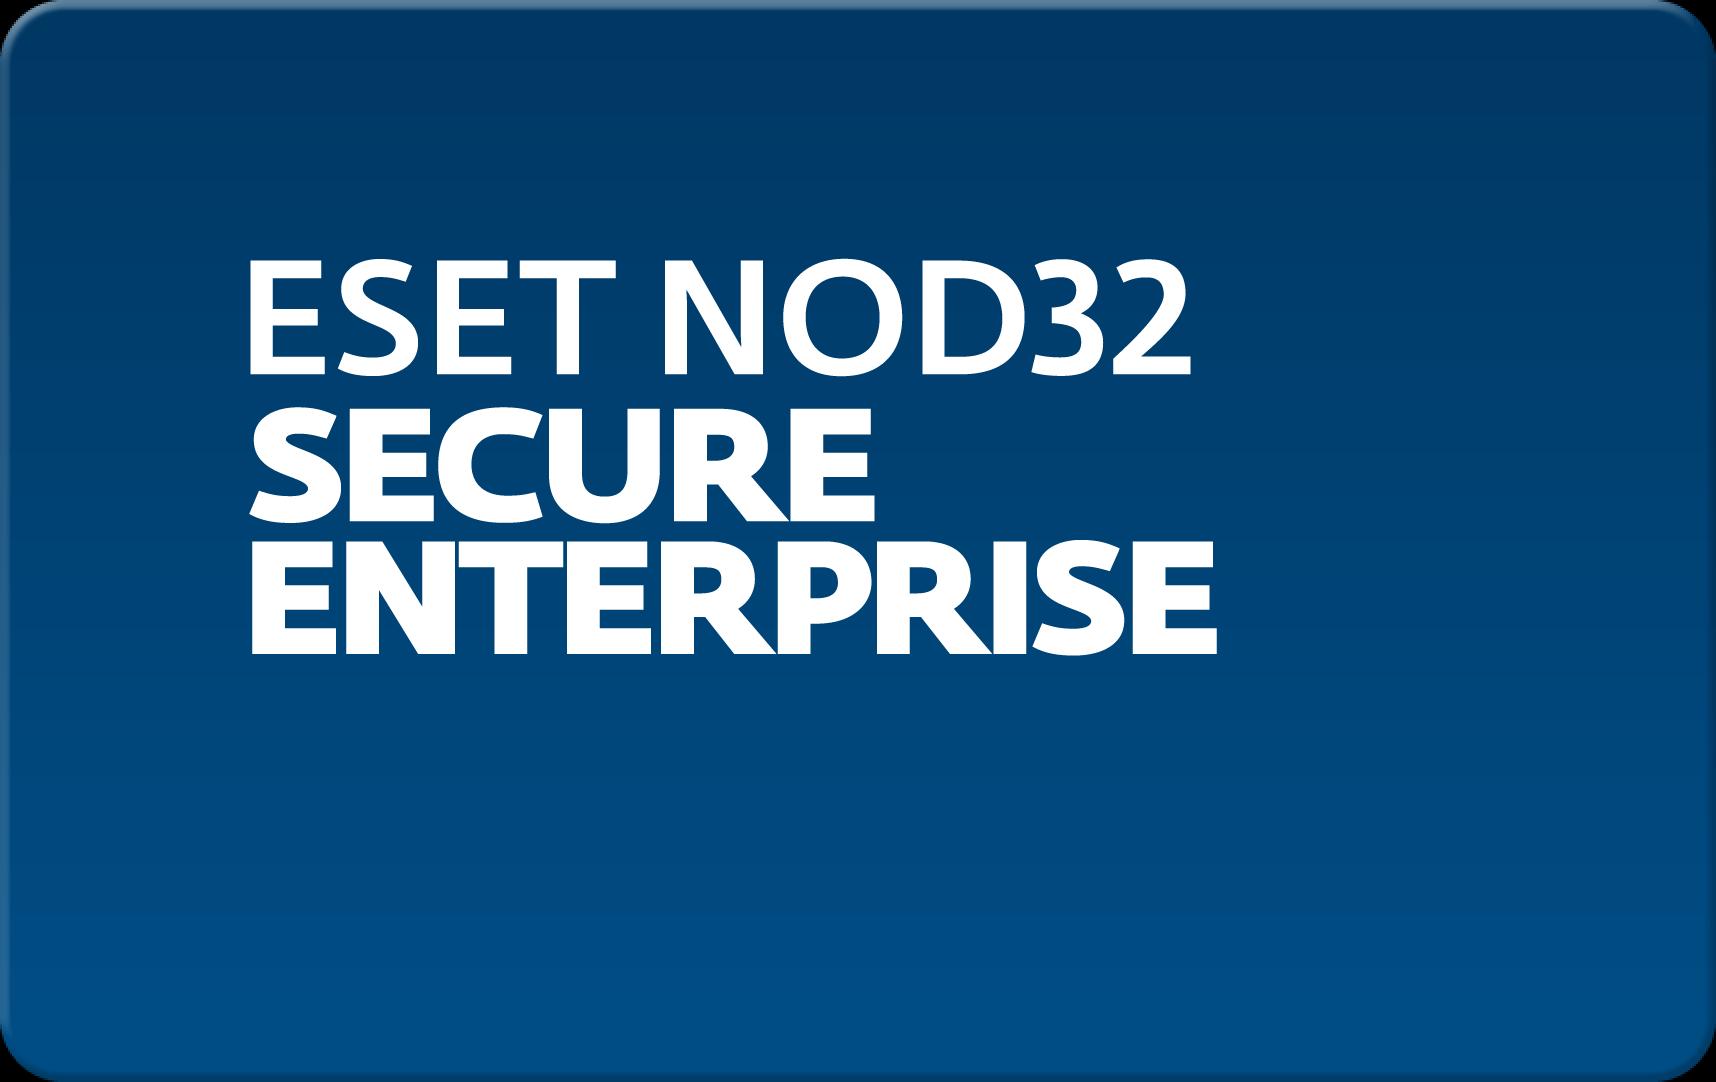 Кроссплатформенная антивирусная защита всех узлов корпоративной сети Eset NOD32 Secure Enterprise  для 186 пользователей